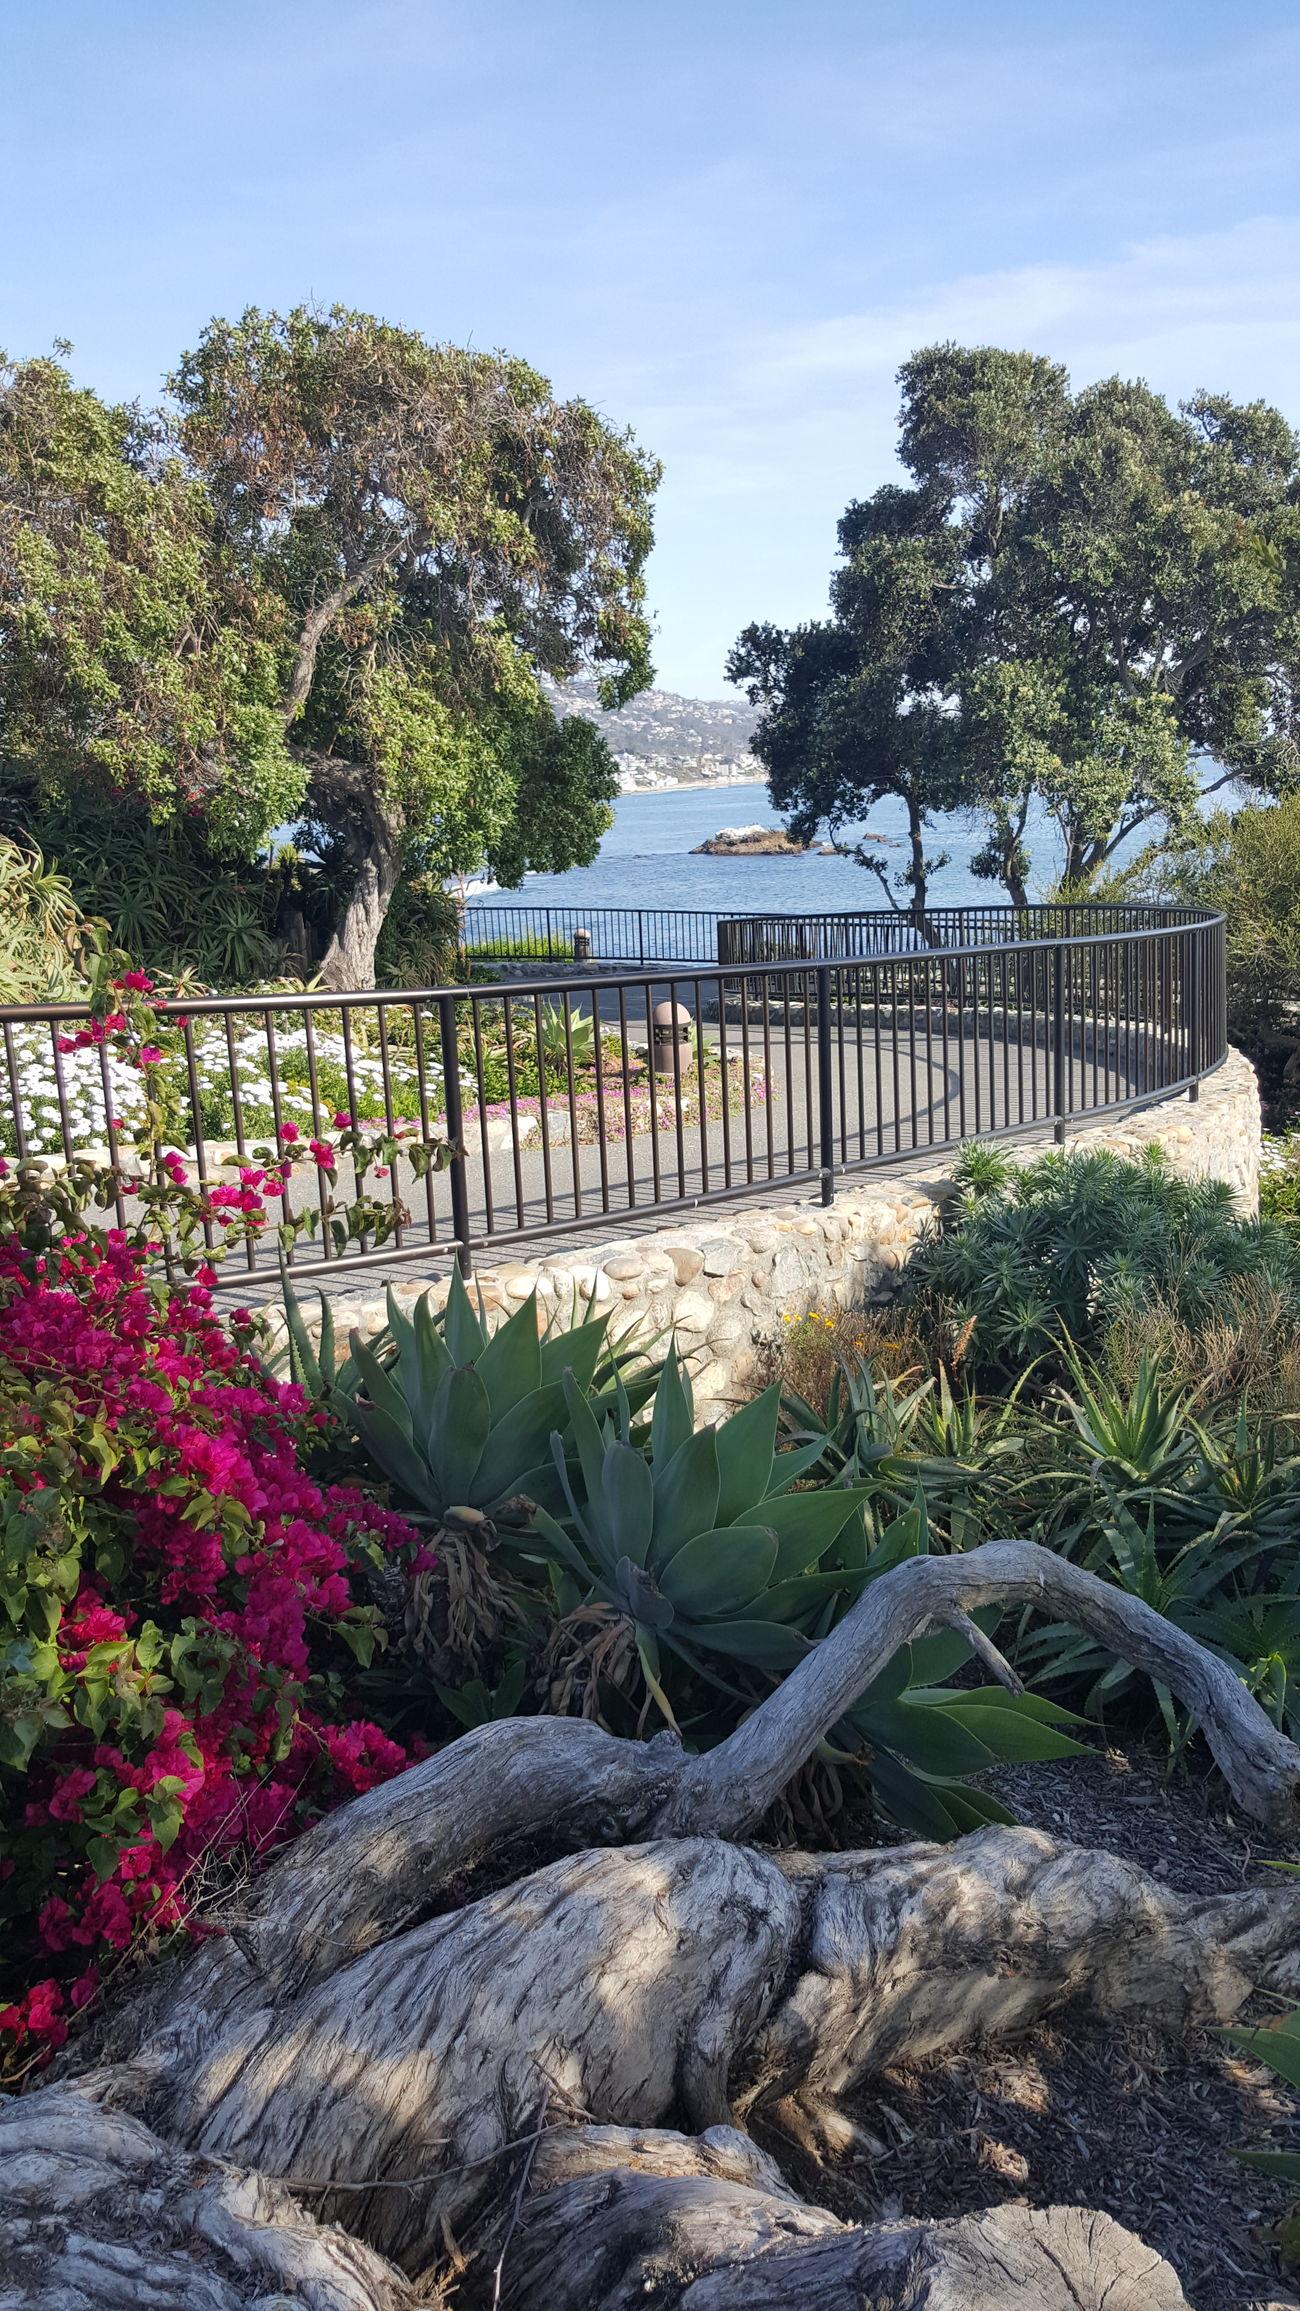 Heislerpark Laguna Beach Beautiful Day Flowers Ocean